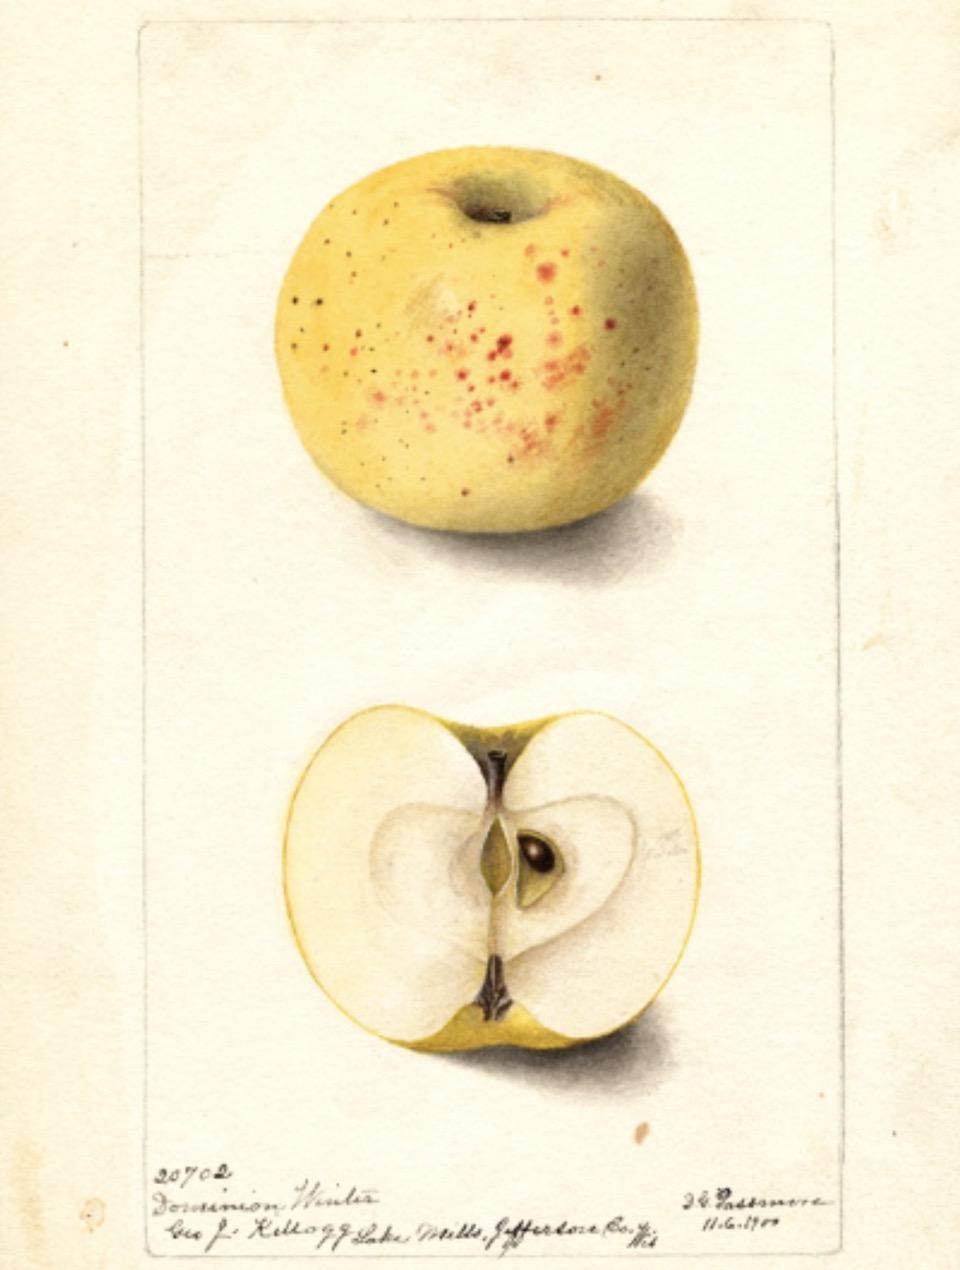 Historische Abbildung eines gelben Apfels mit rötlichen Punkten und Flecken und eines aufgeschnittenen Apfels; USDA